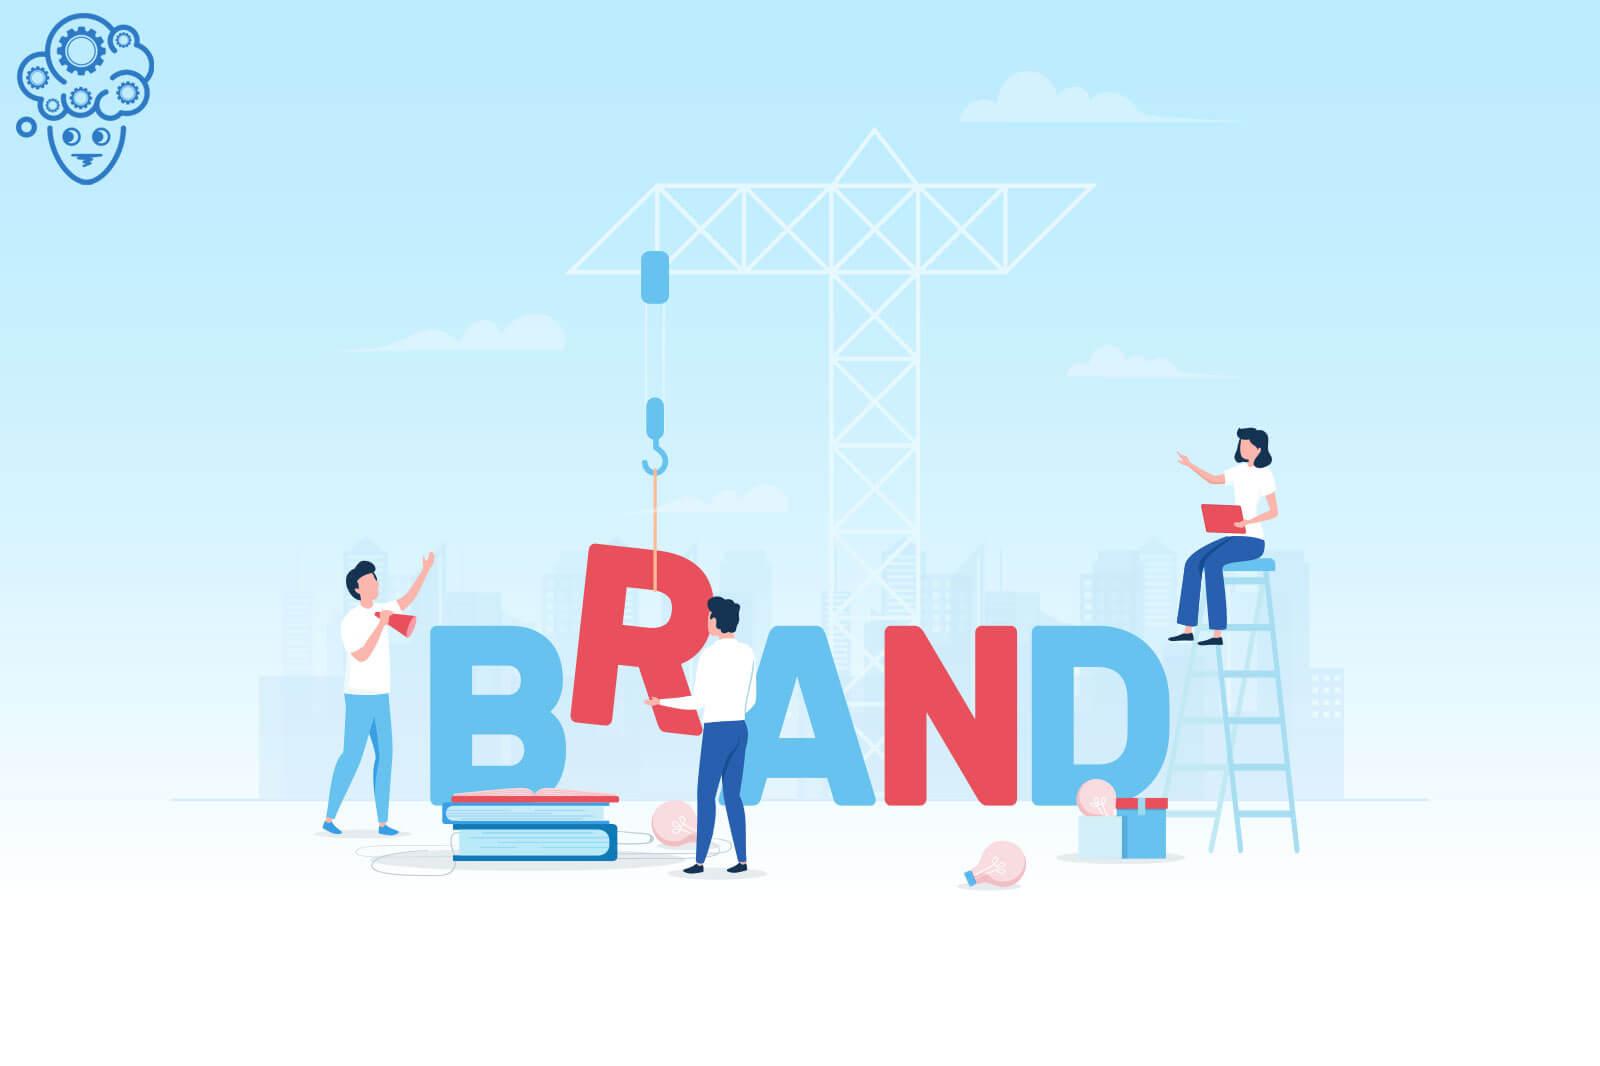 360 Branding Solution For Business